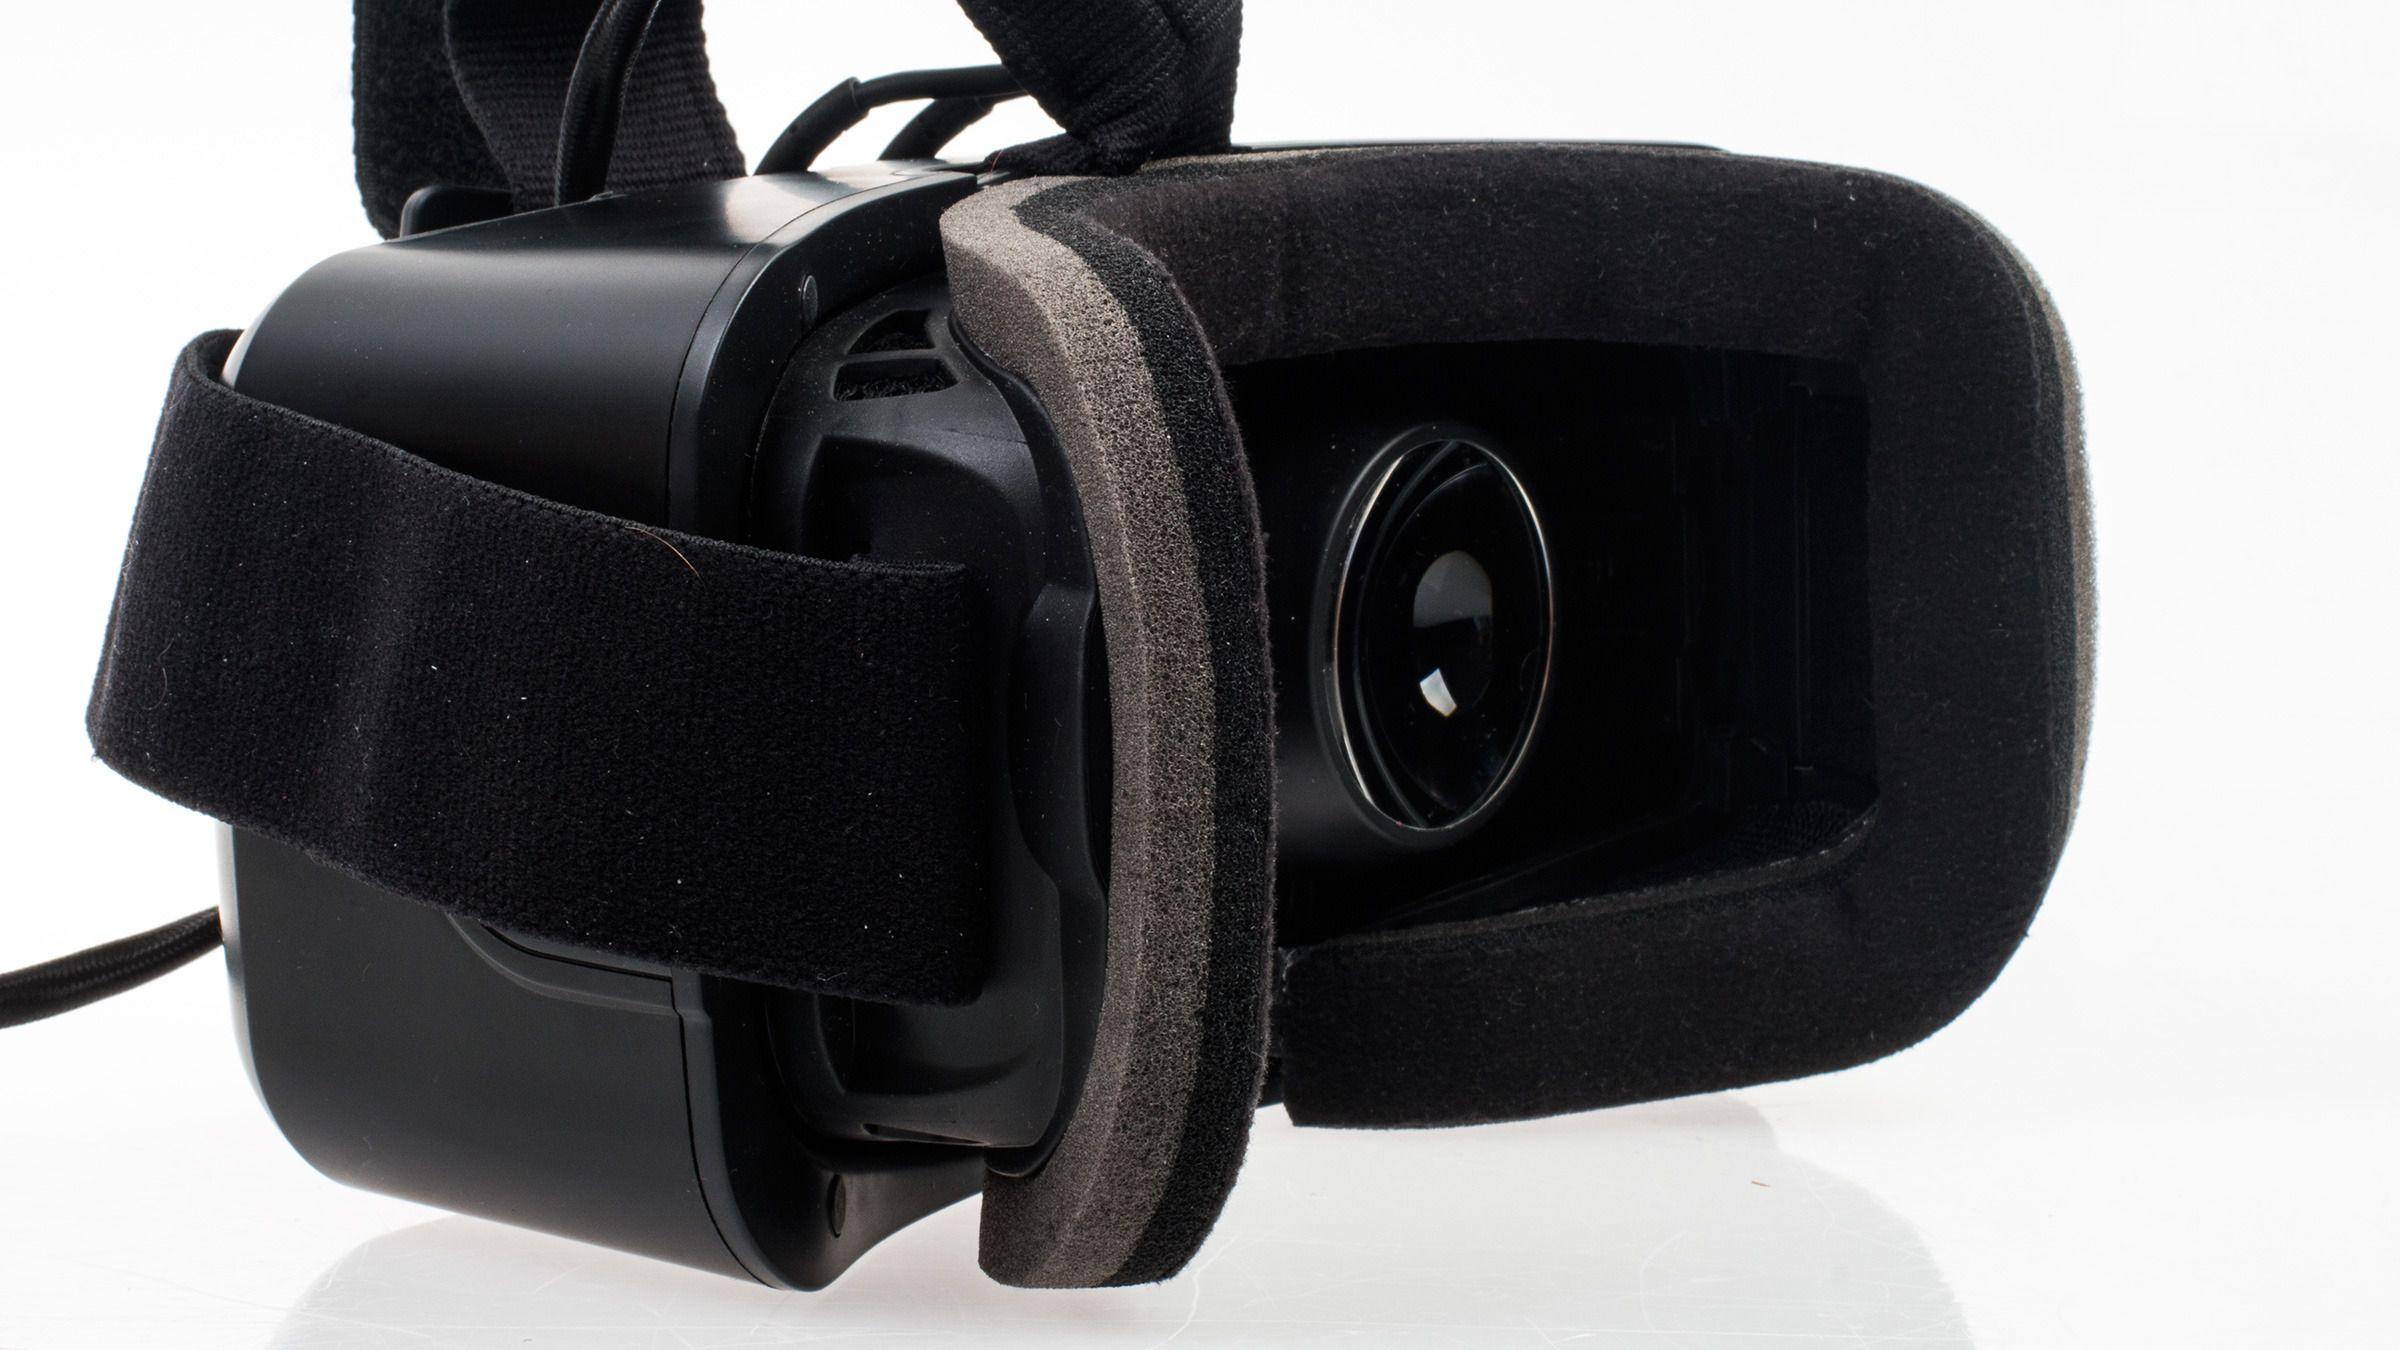 Slik ser innsiden av Oculus Rift DK2 ut fra siden.Foto: Varg Aamo, Tek.no